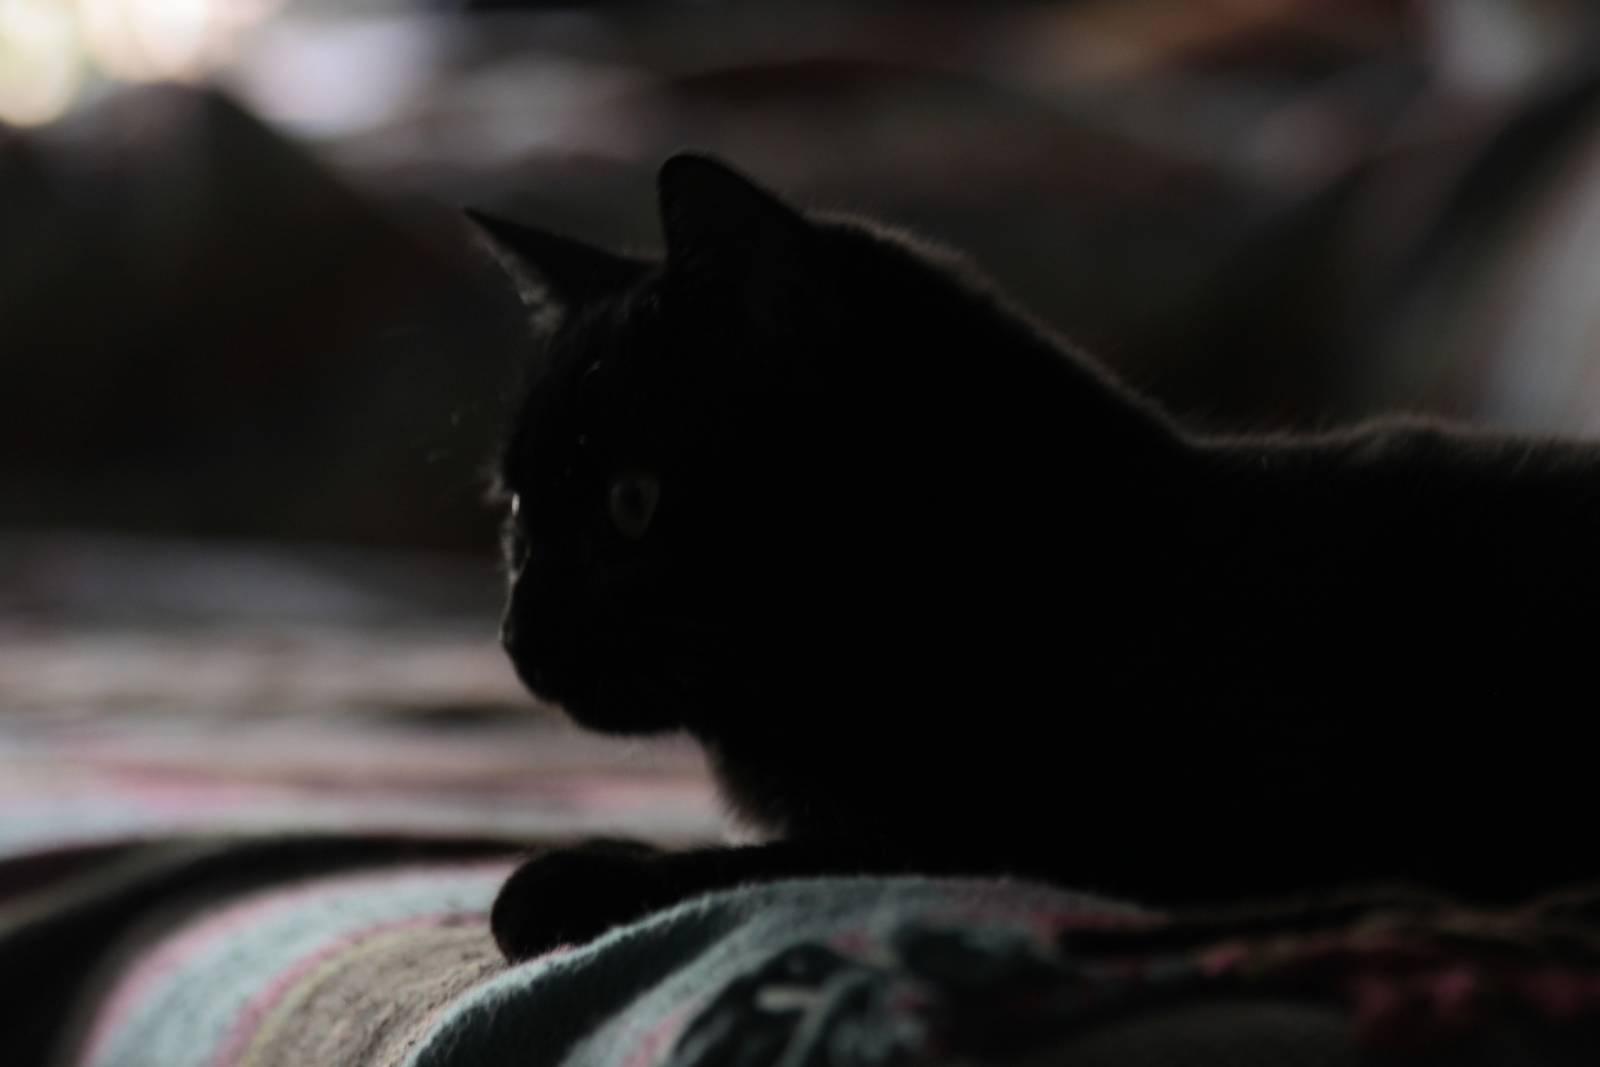 Una gata en la familia perruna